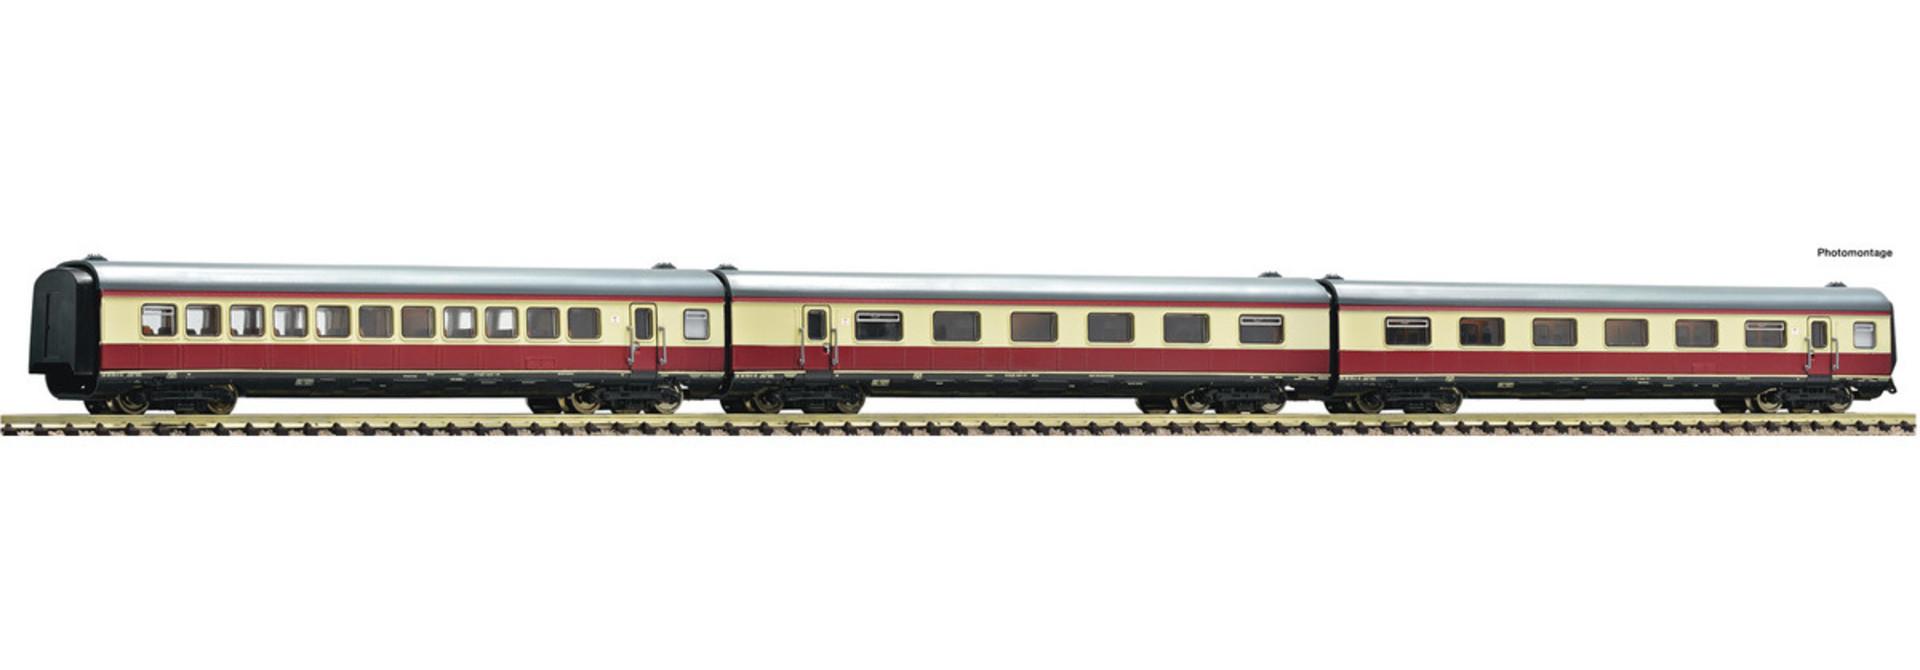 """741006 3 delige uitbreidingsset """"Alpen-See-Express"""""""